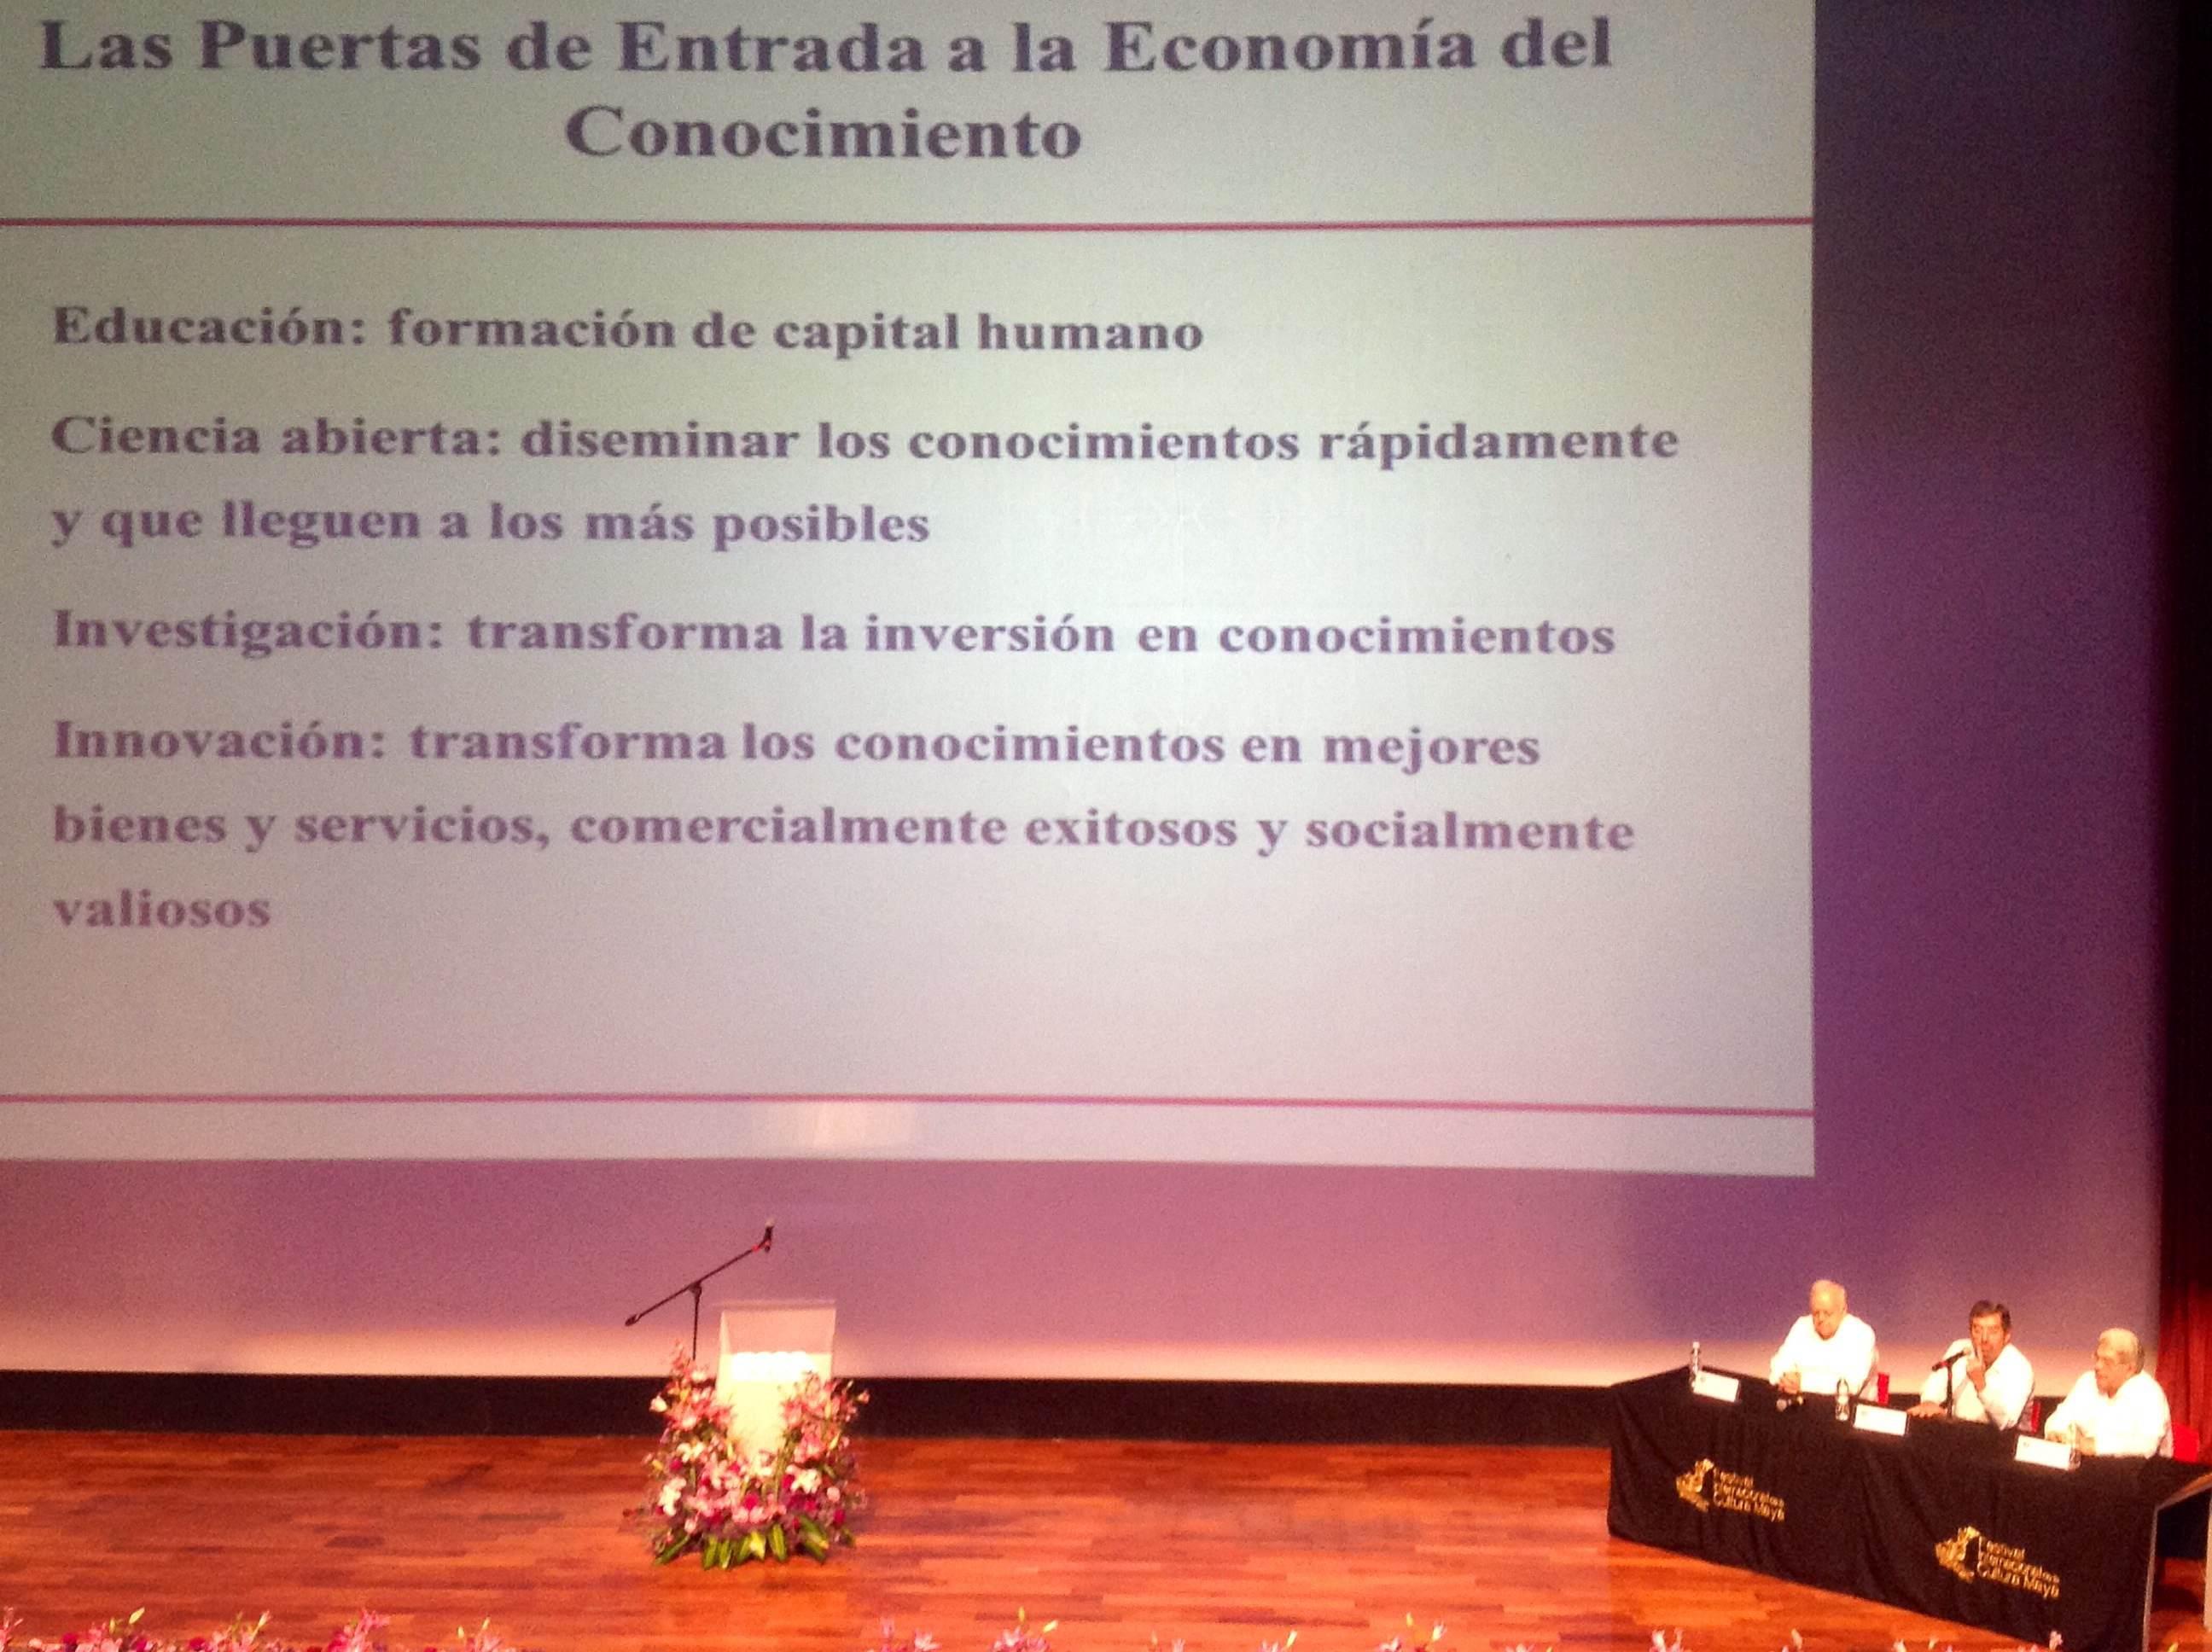 Conocimiento, esencial para desarrollo.- Juan Ramón de la Fuente